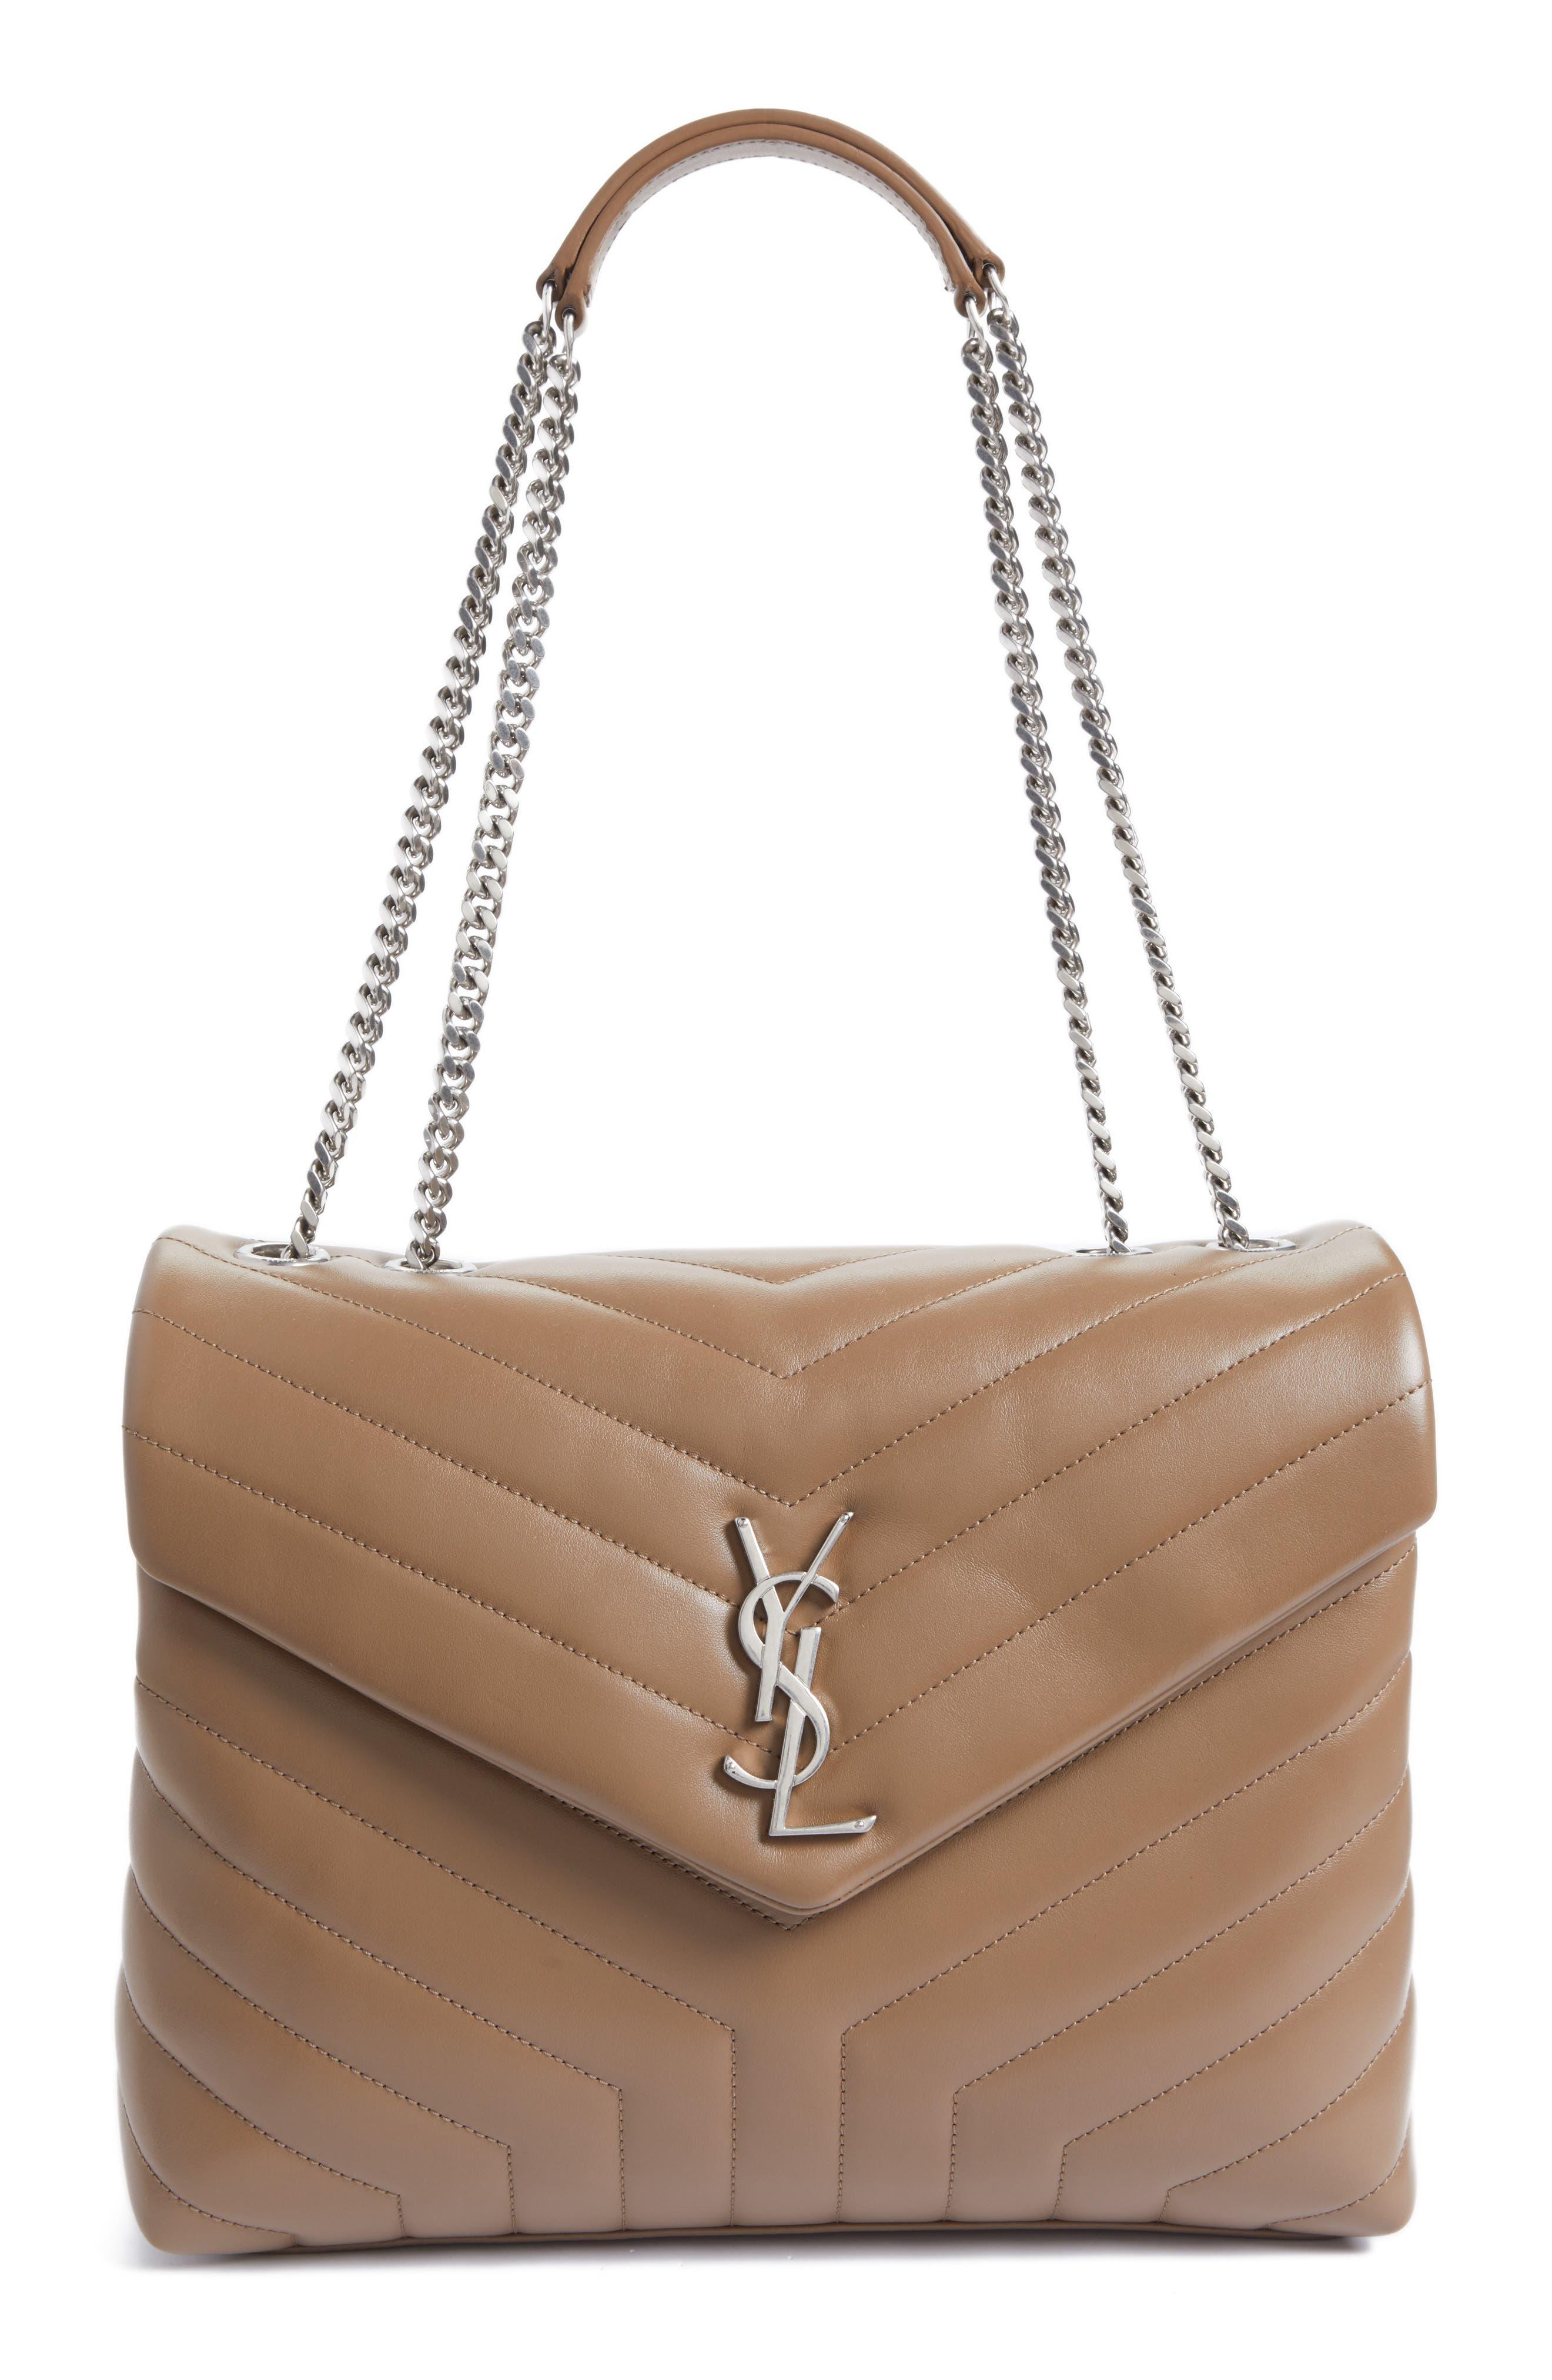 Medium Loulou Calfskin Leather Shoulder Bag - Beige in Desert Storm